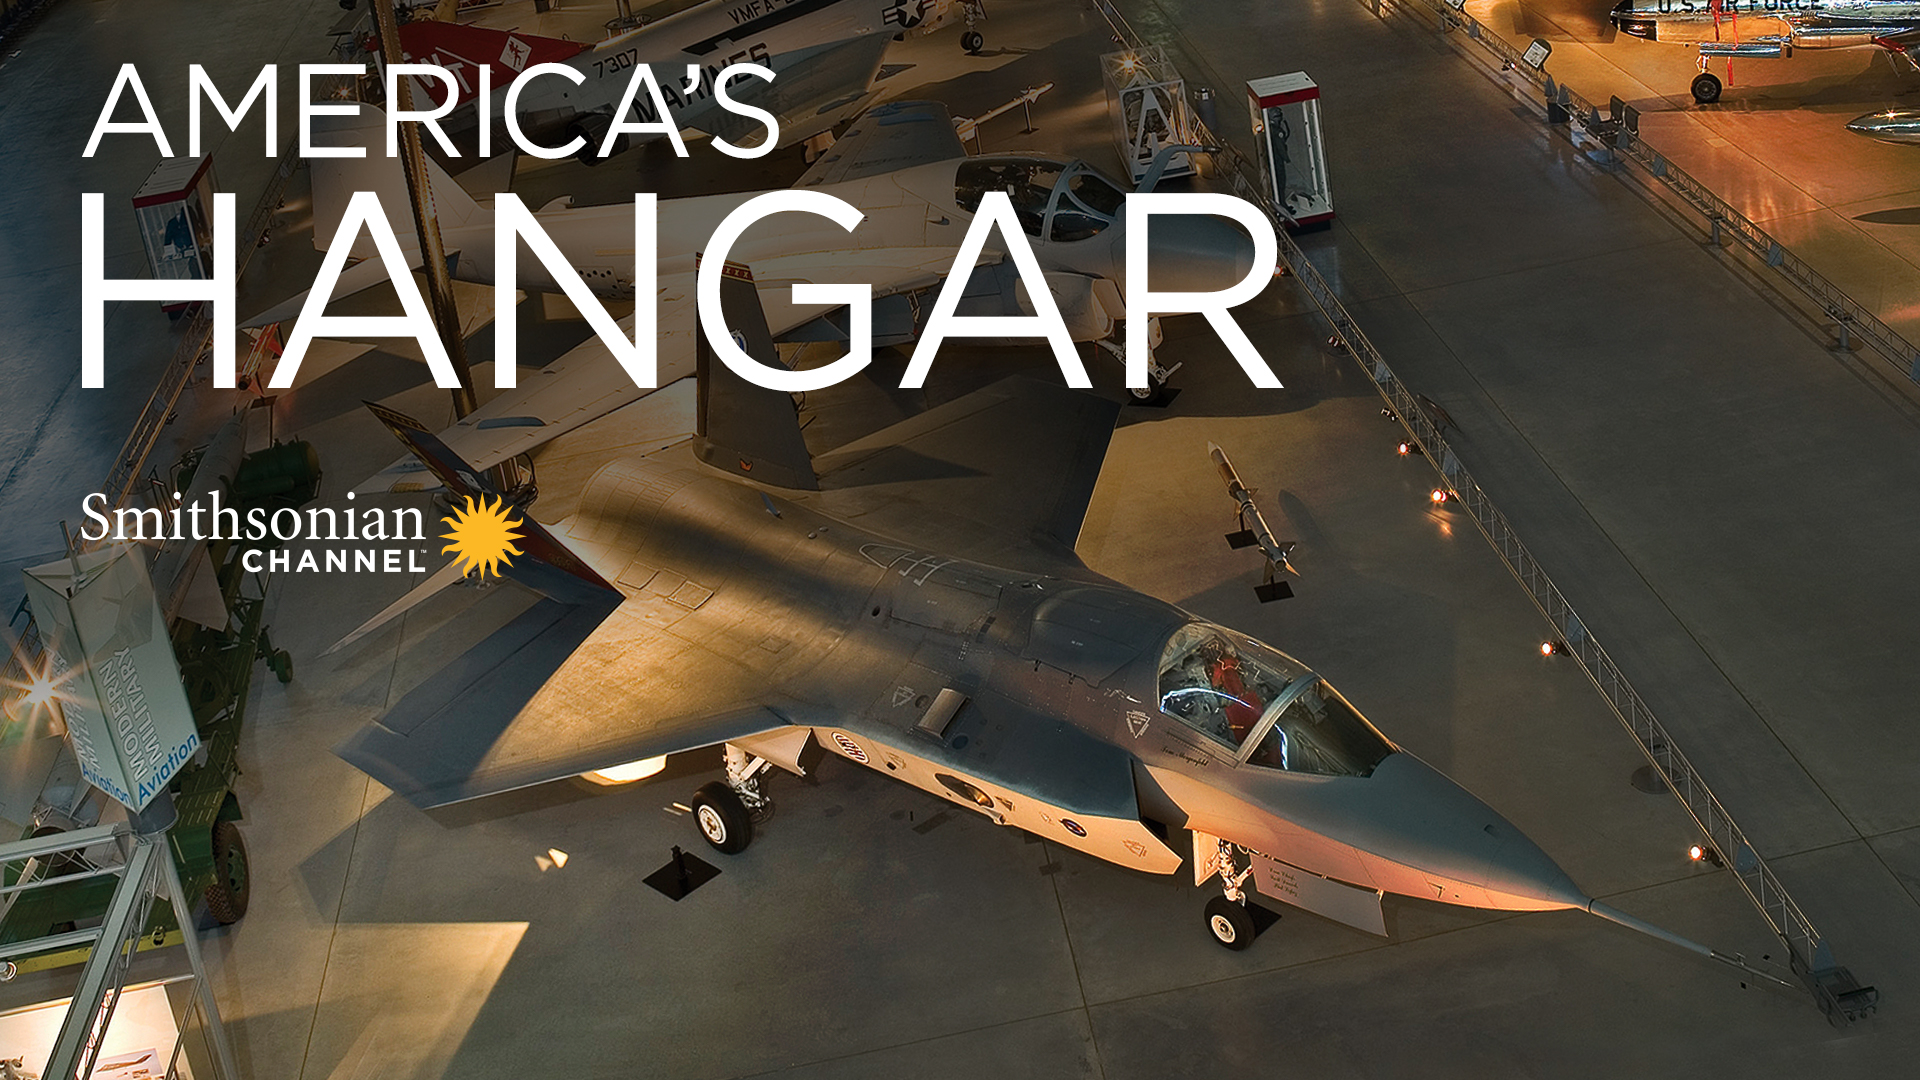 America's Hangar